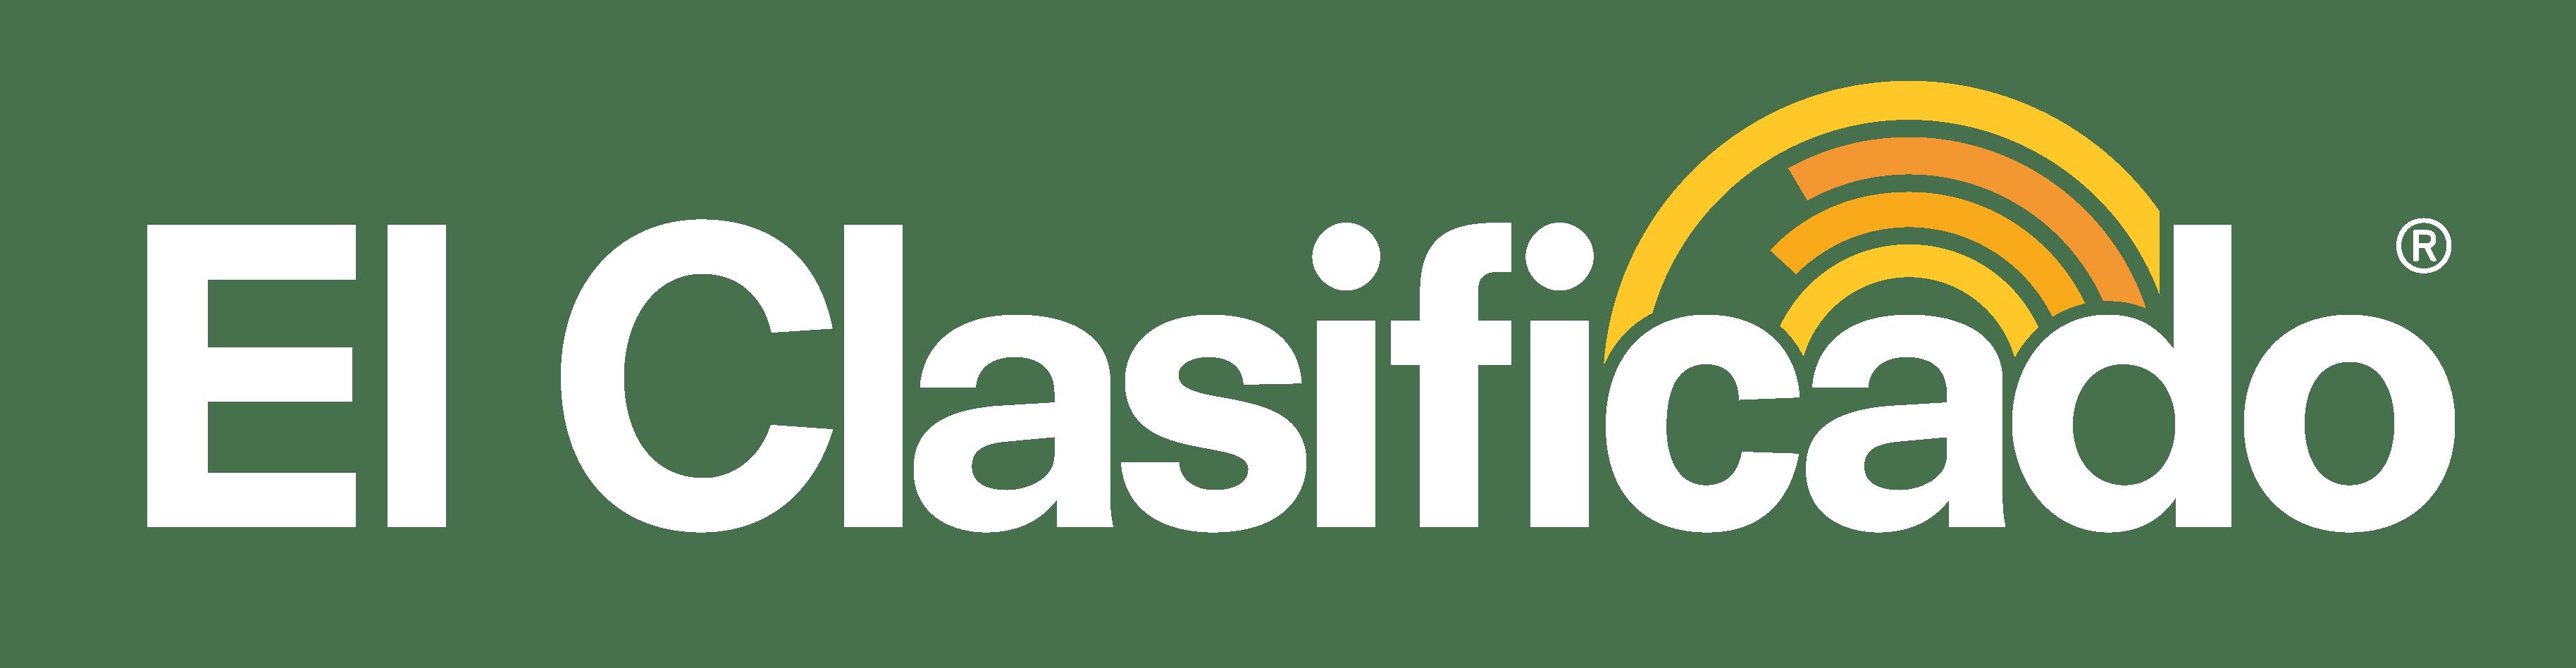 El Clasificado logo